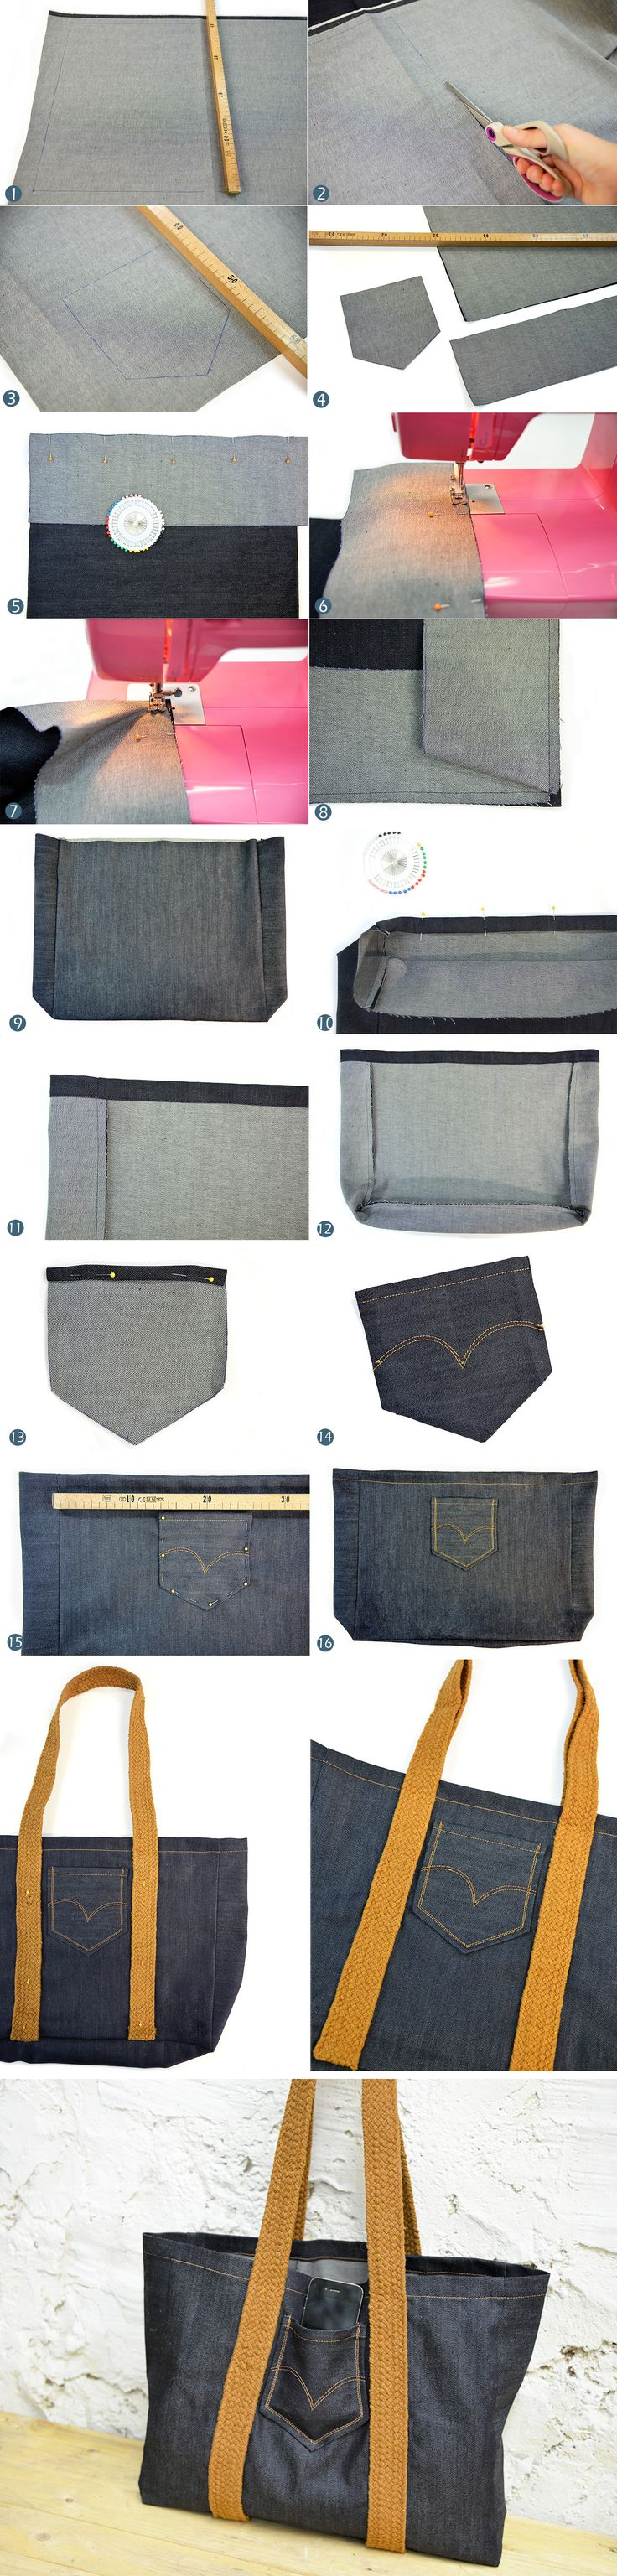 DIY sac cabas jean's - Les Coupons de Saint Pierre